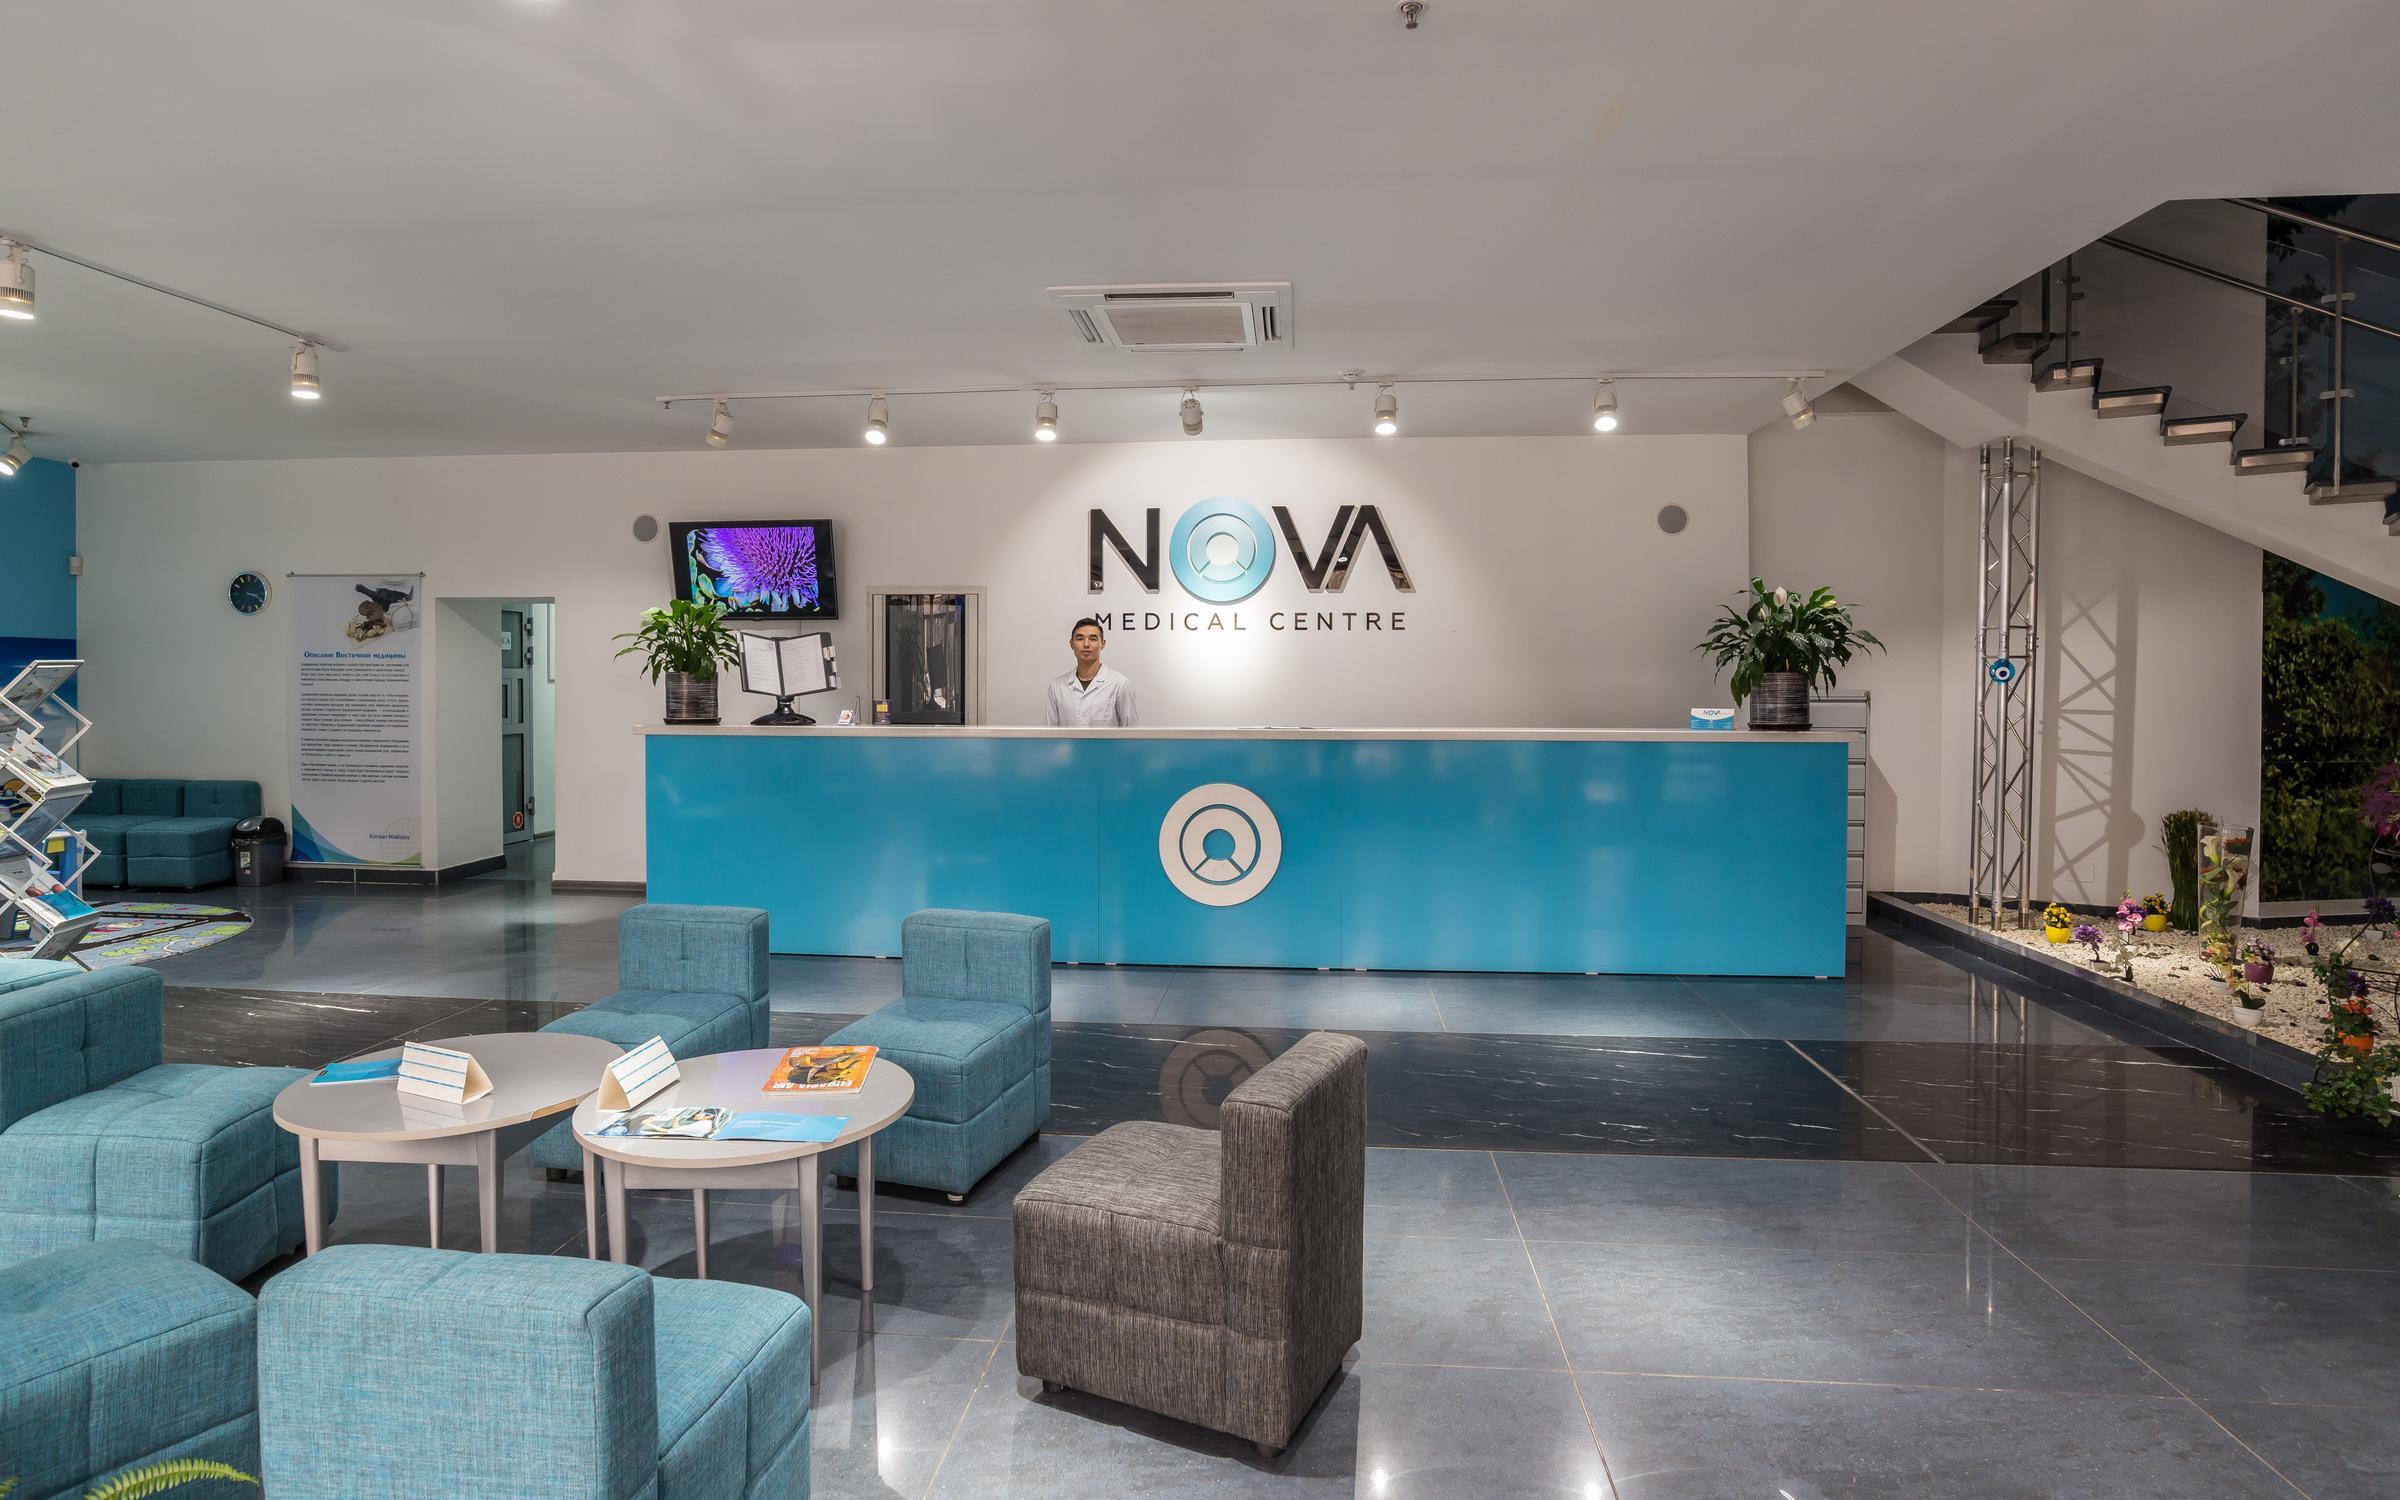 фотография Диагностического медицинского центра Nova Medical Centre